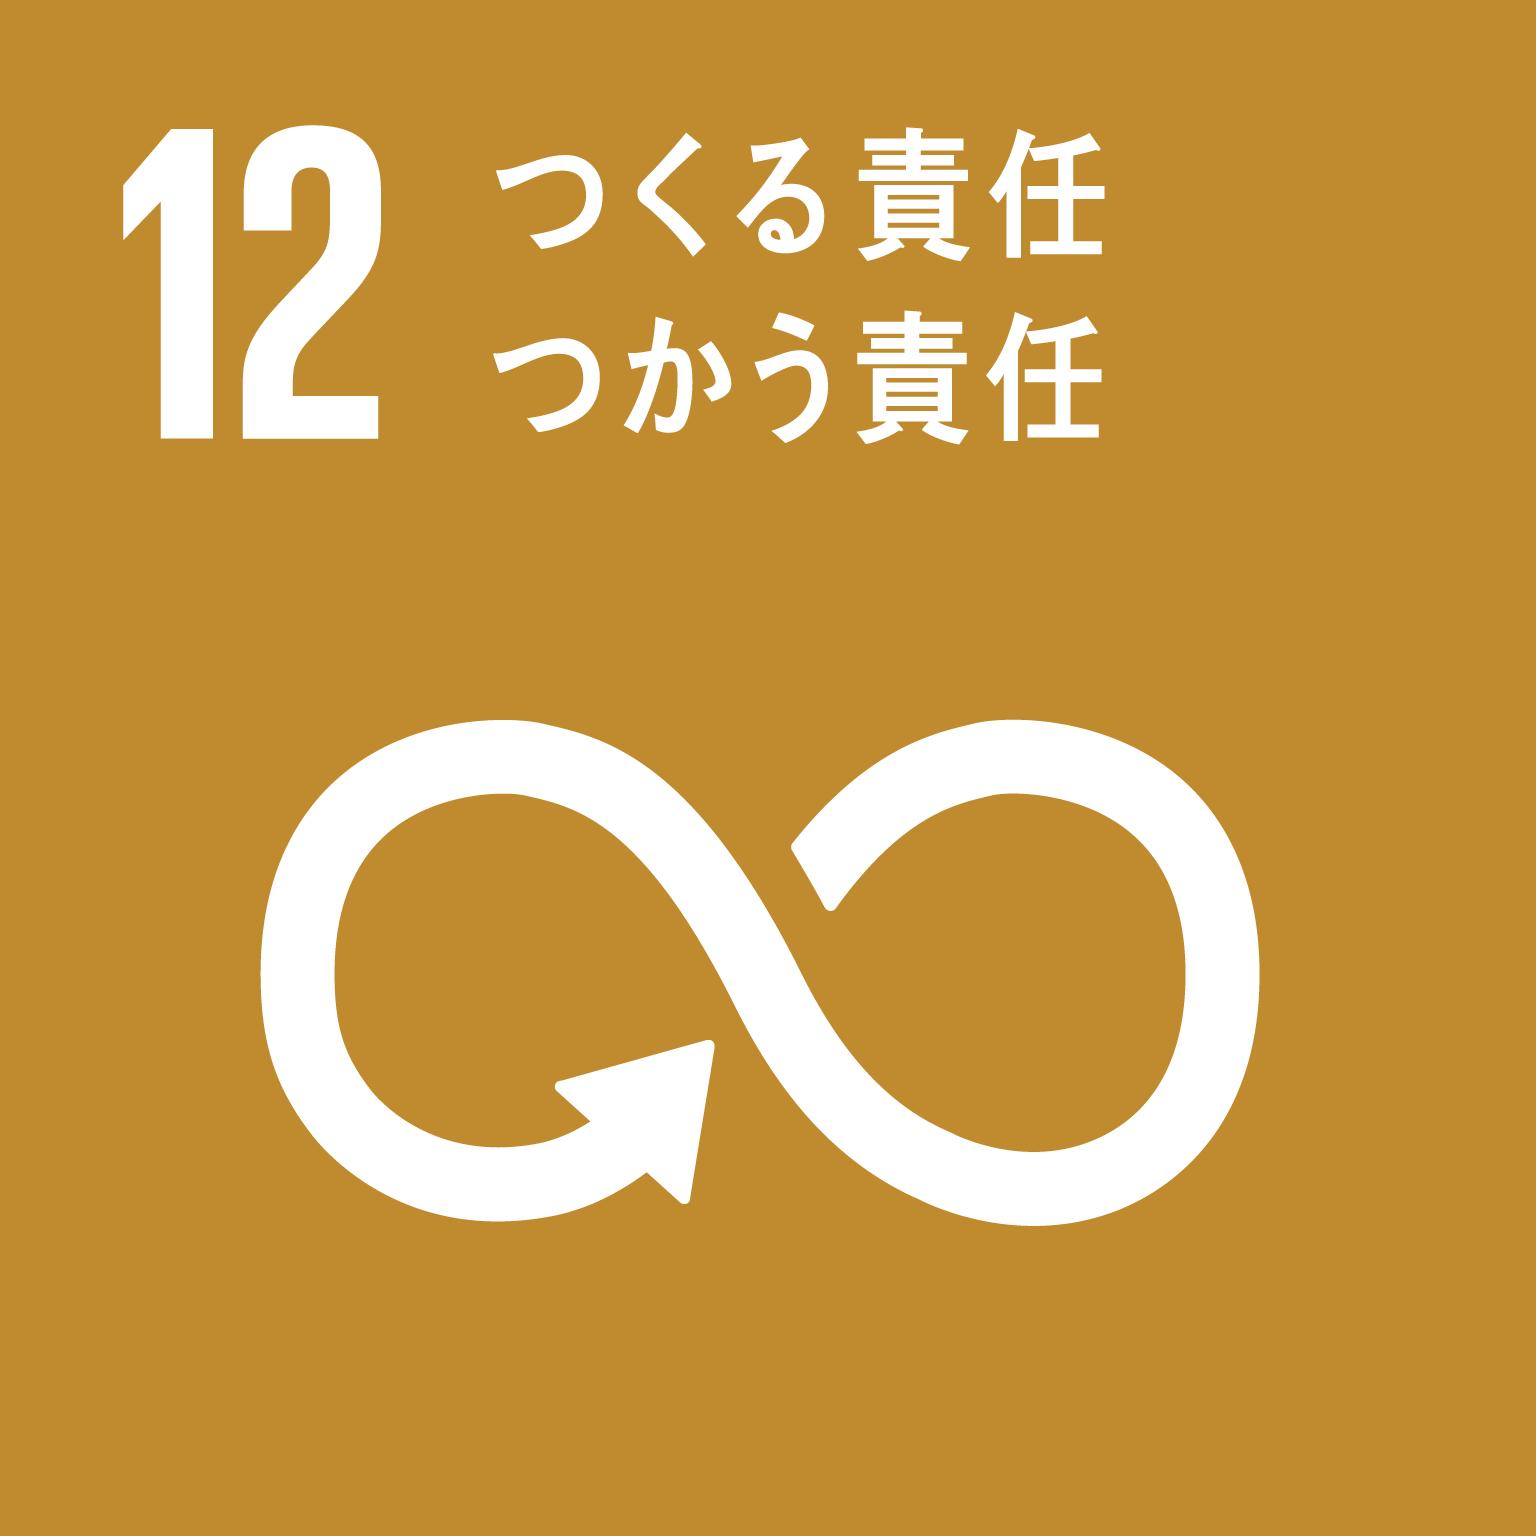 【ロゴ】SDGs12